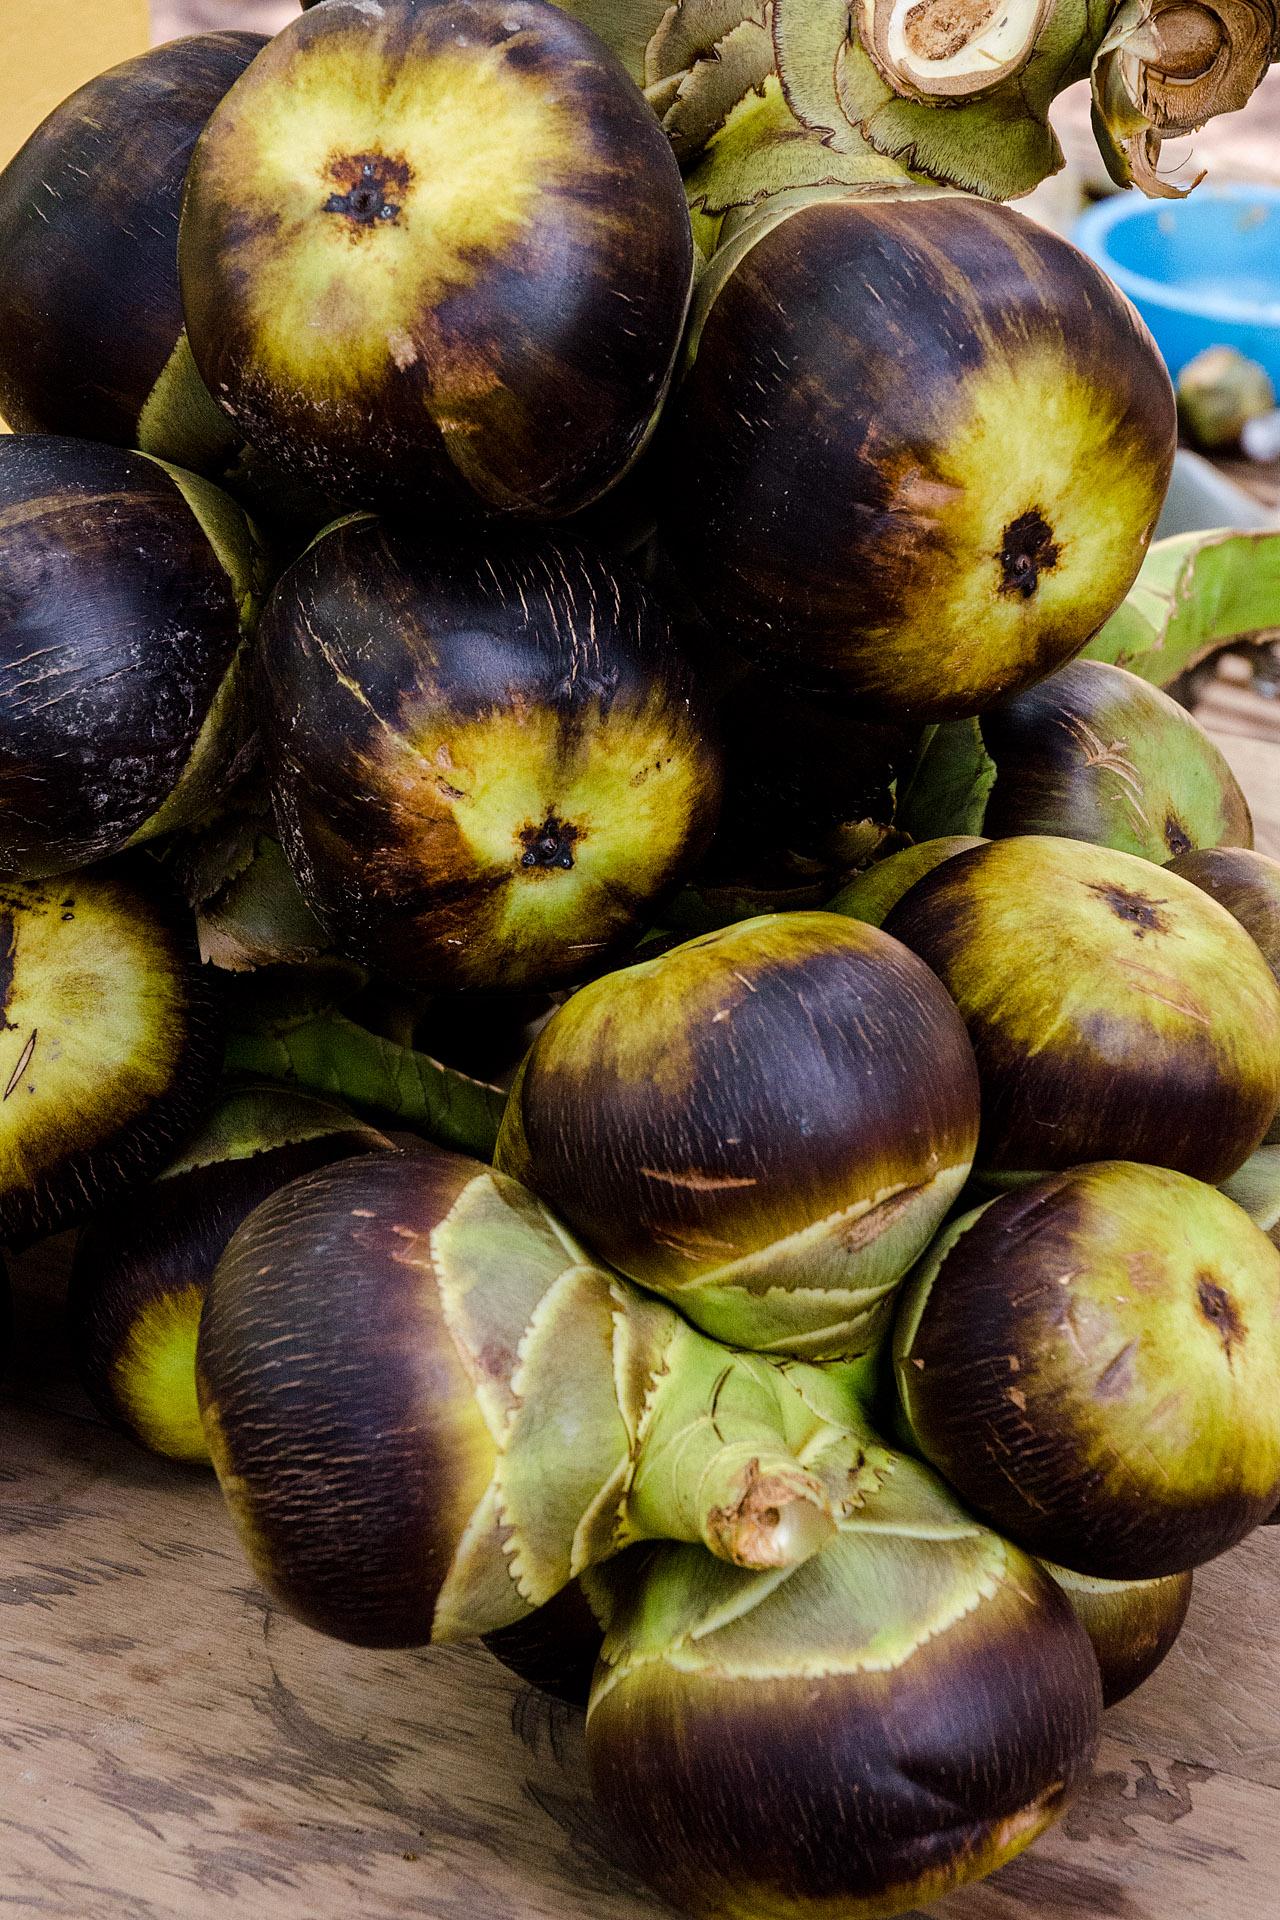 Sugar (palmyra) palm fruit